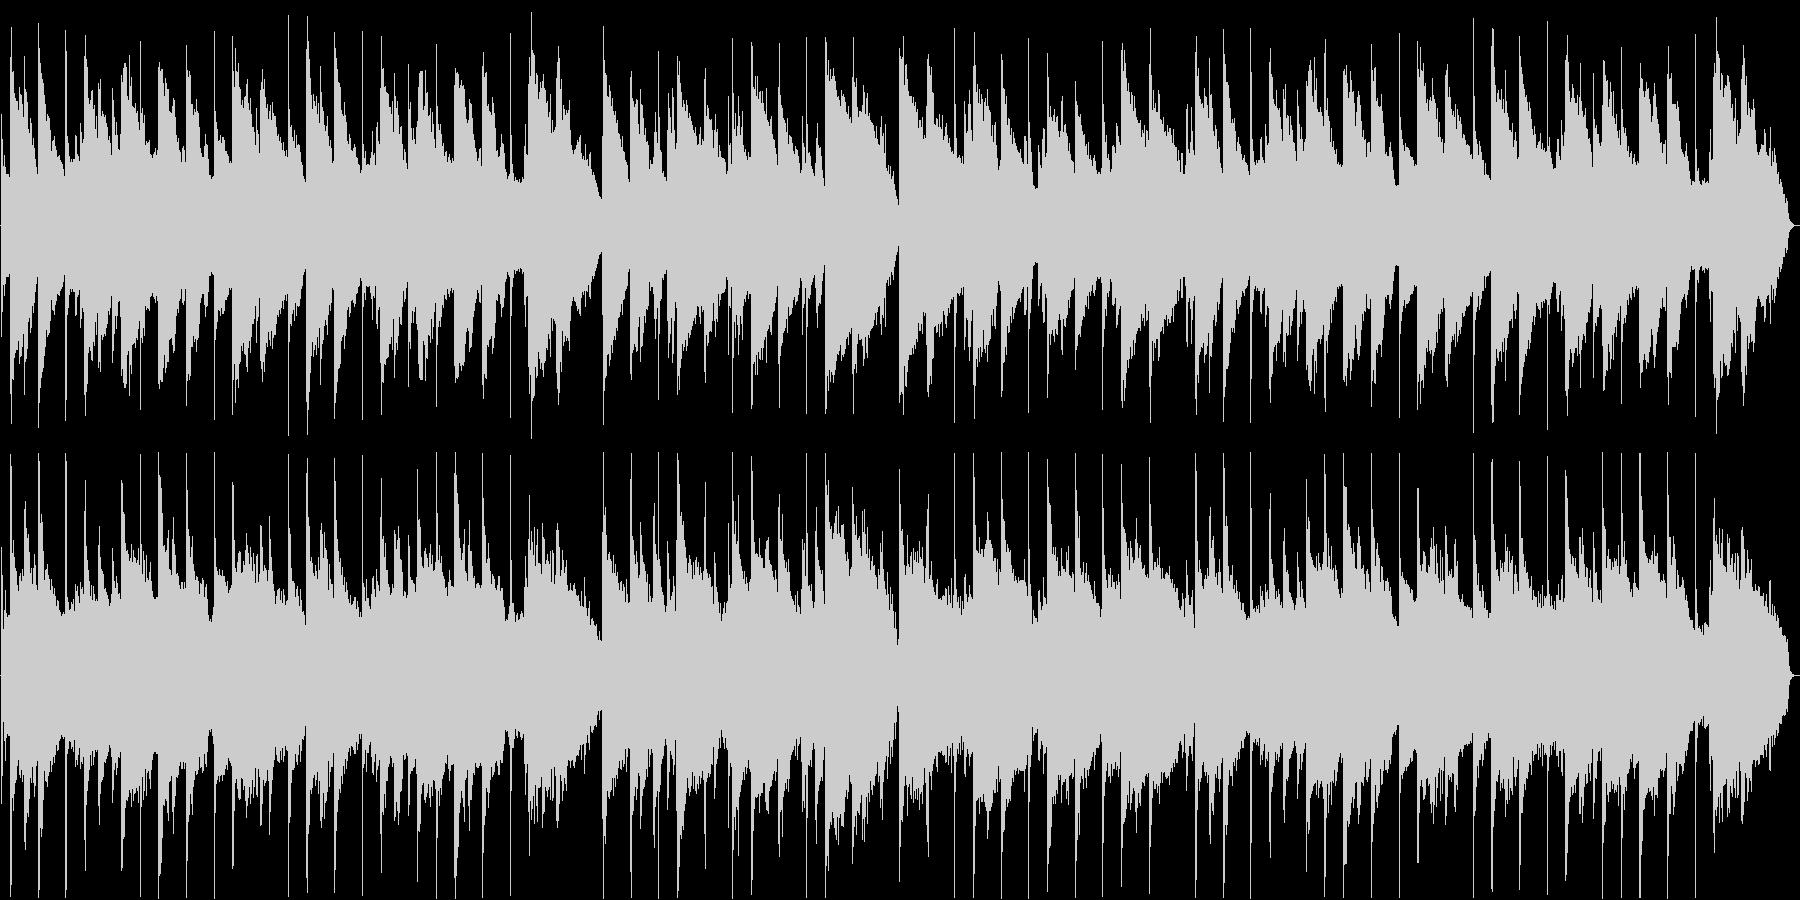 やさしい気持ちになるピアノ旋律のバラードの未再生の波形